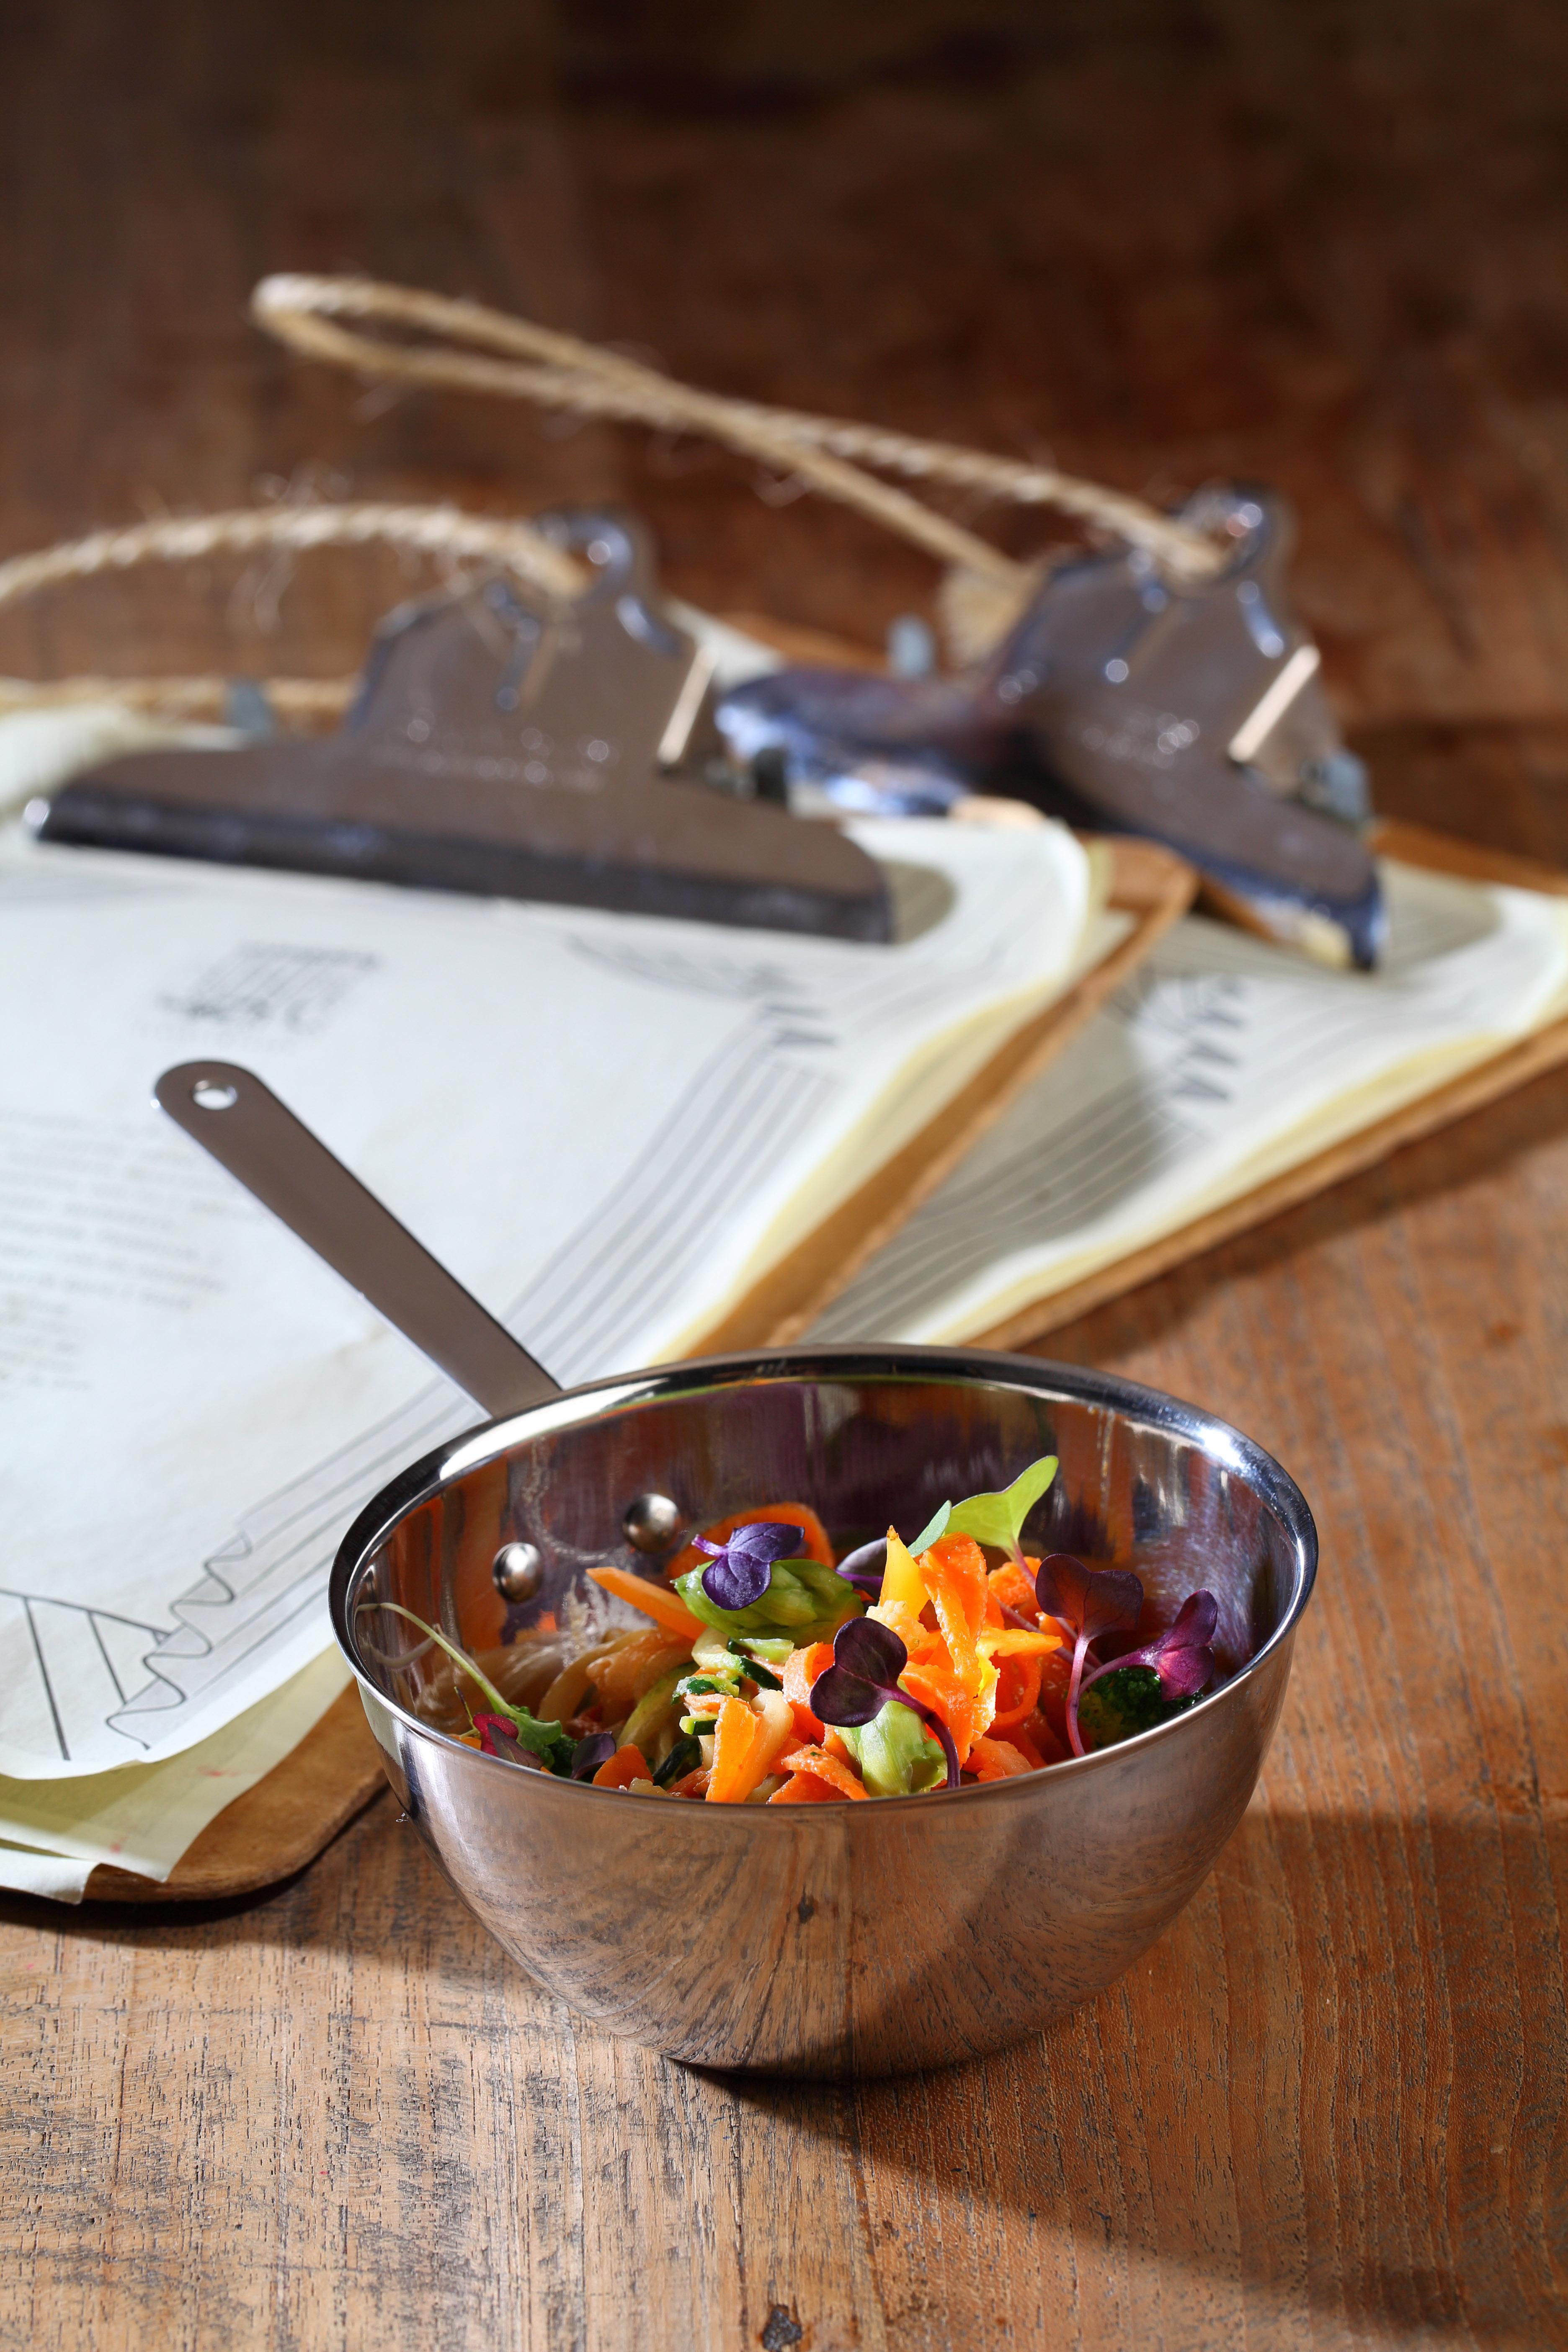 Presentación Alimentos & Tapas | Menaje Profesional Cocina